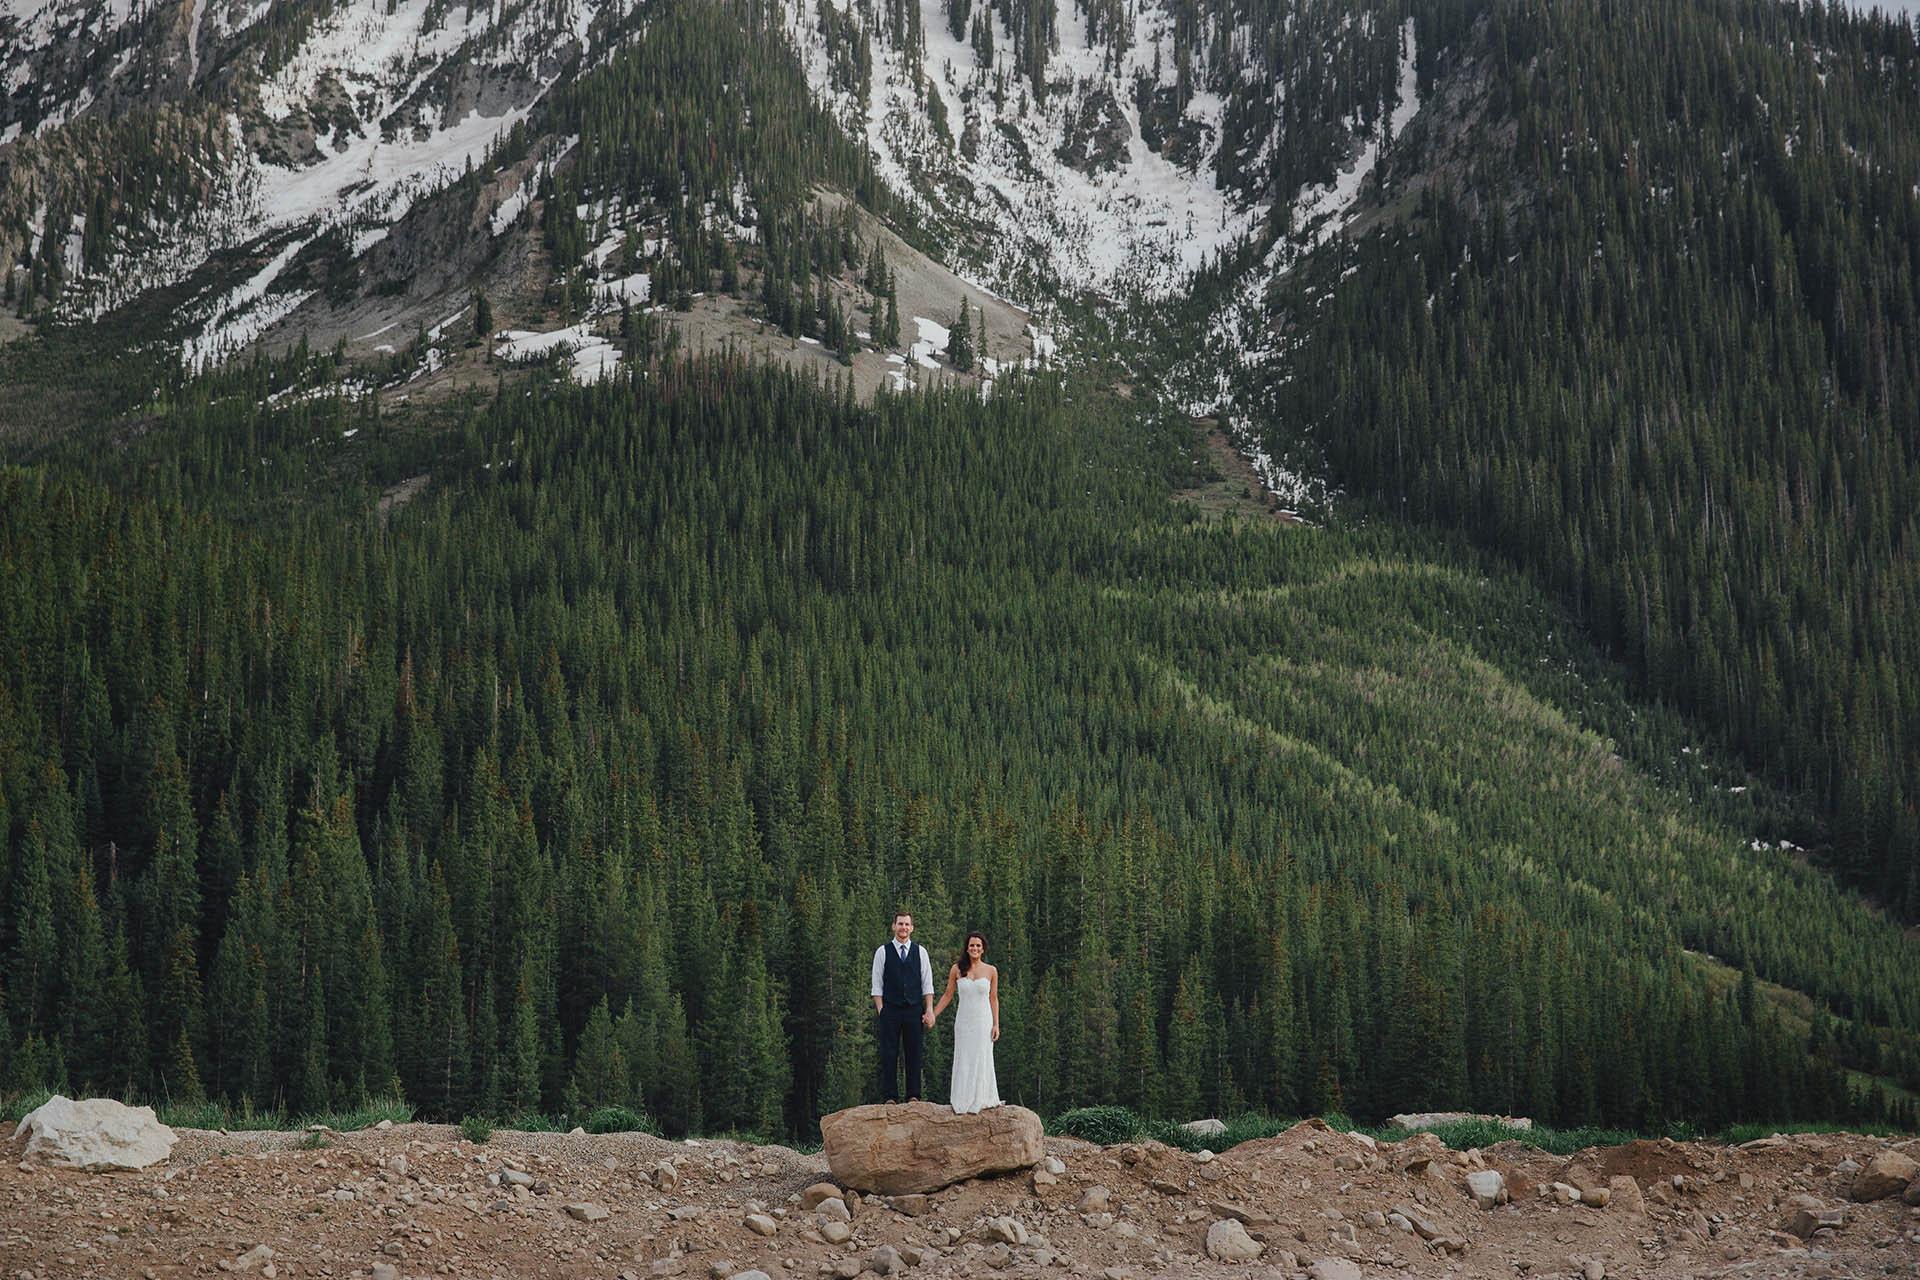 Crested Butte Elopement: Megan & Ross